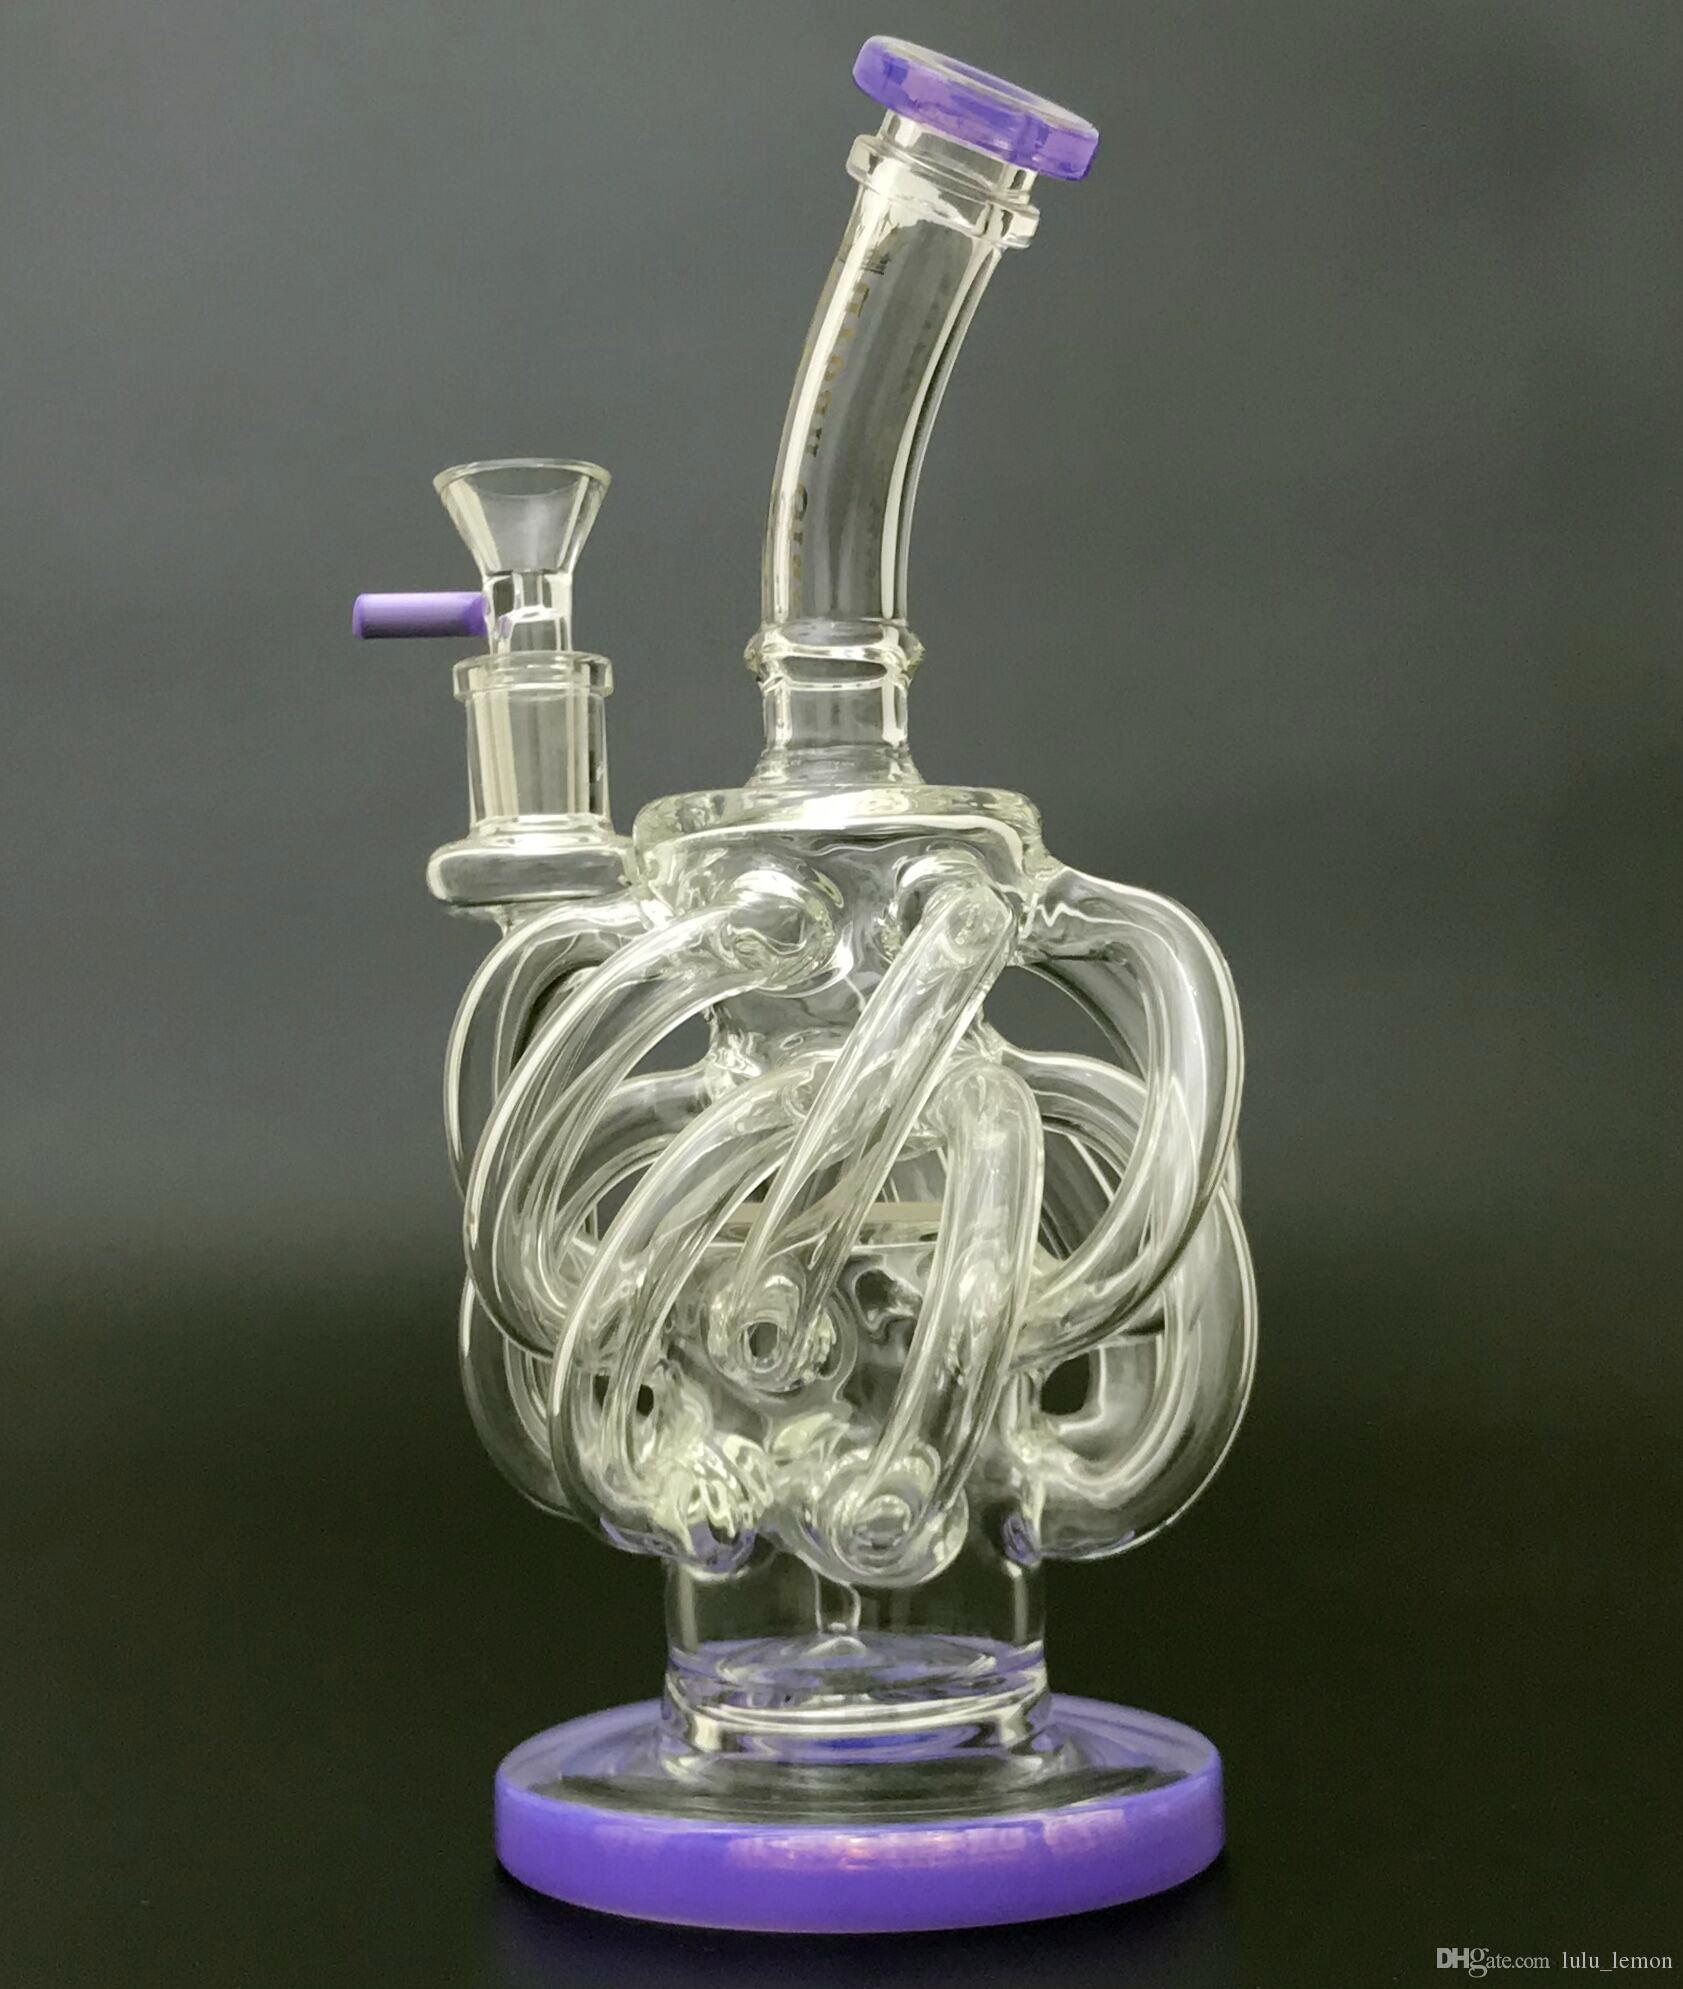 Súper Vortex Glass Bong Bong 12 Recycler tubo ciclón aceite Dab plataformas de 14 mm Tubos de empalme del agua verdor de cristal púrpura Bong Con Embriagador Tazón